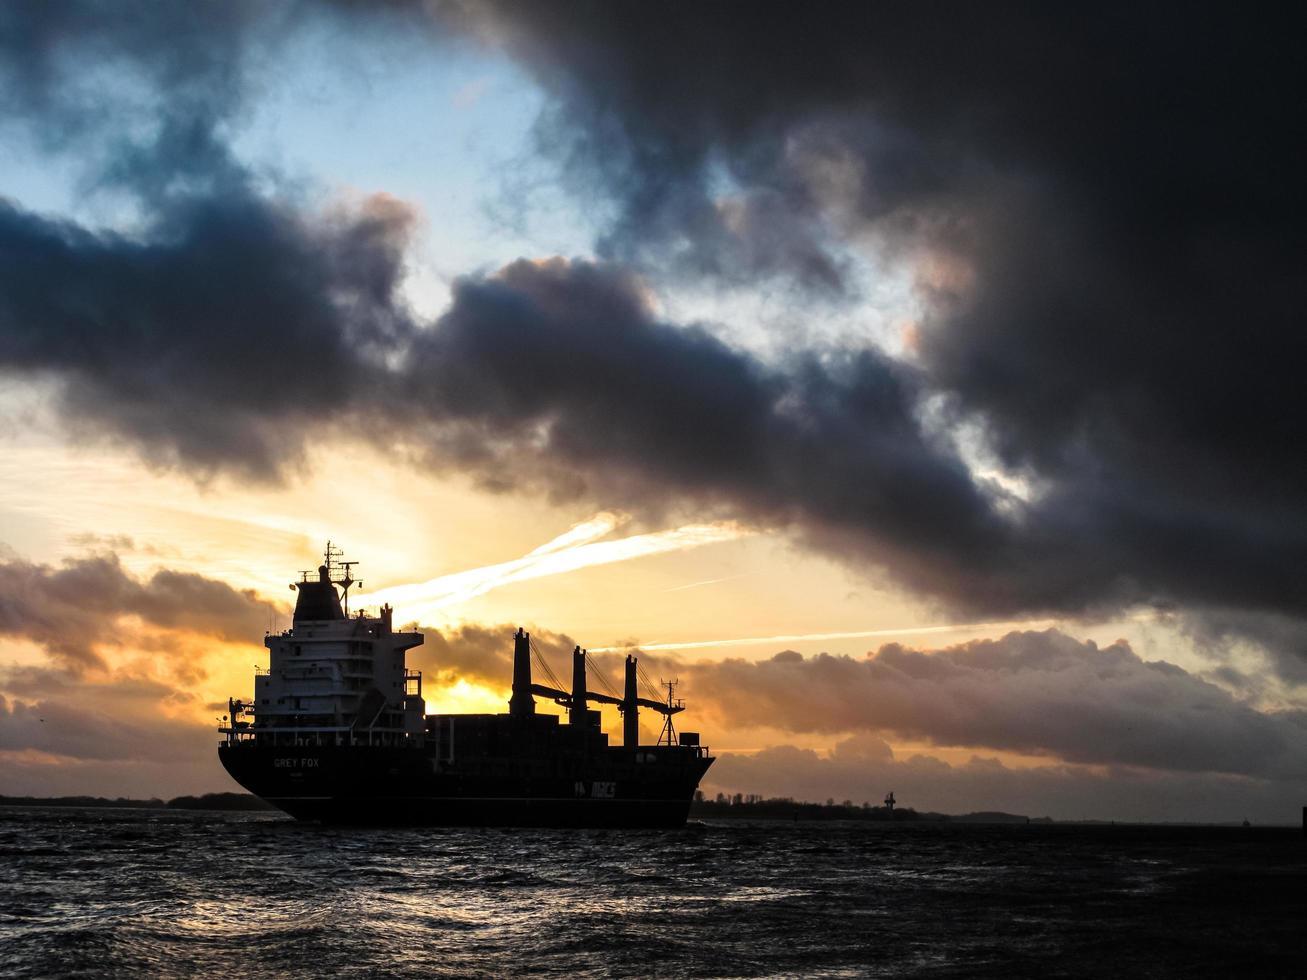 barco navegando durante la puesta de sol foto